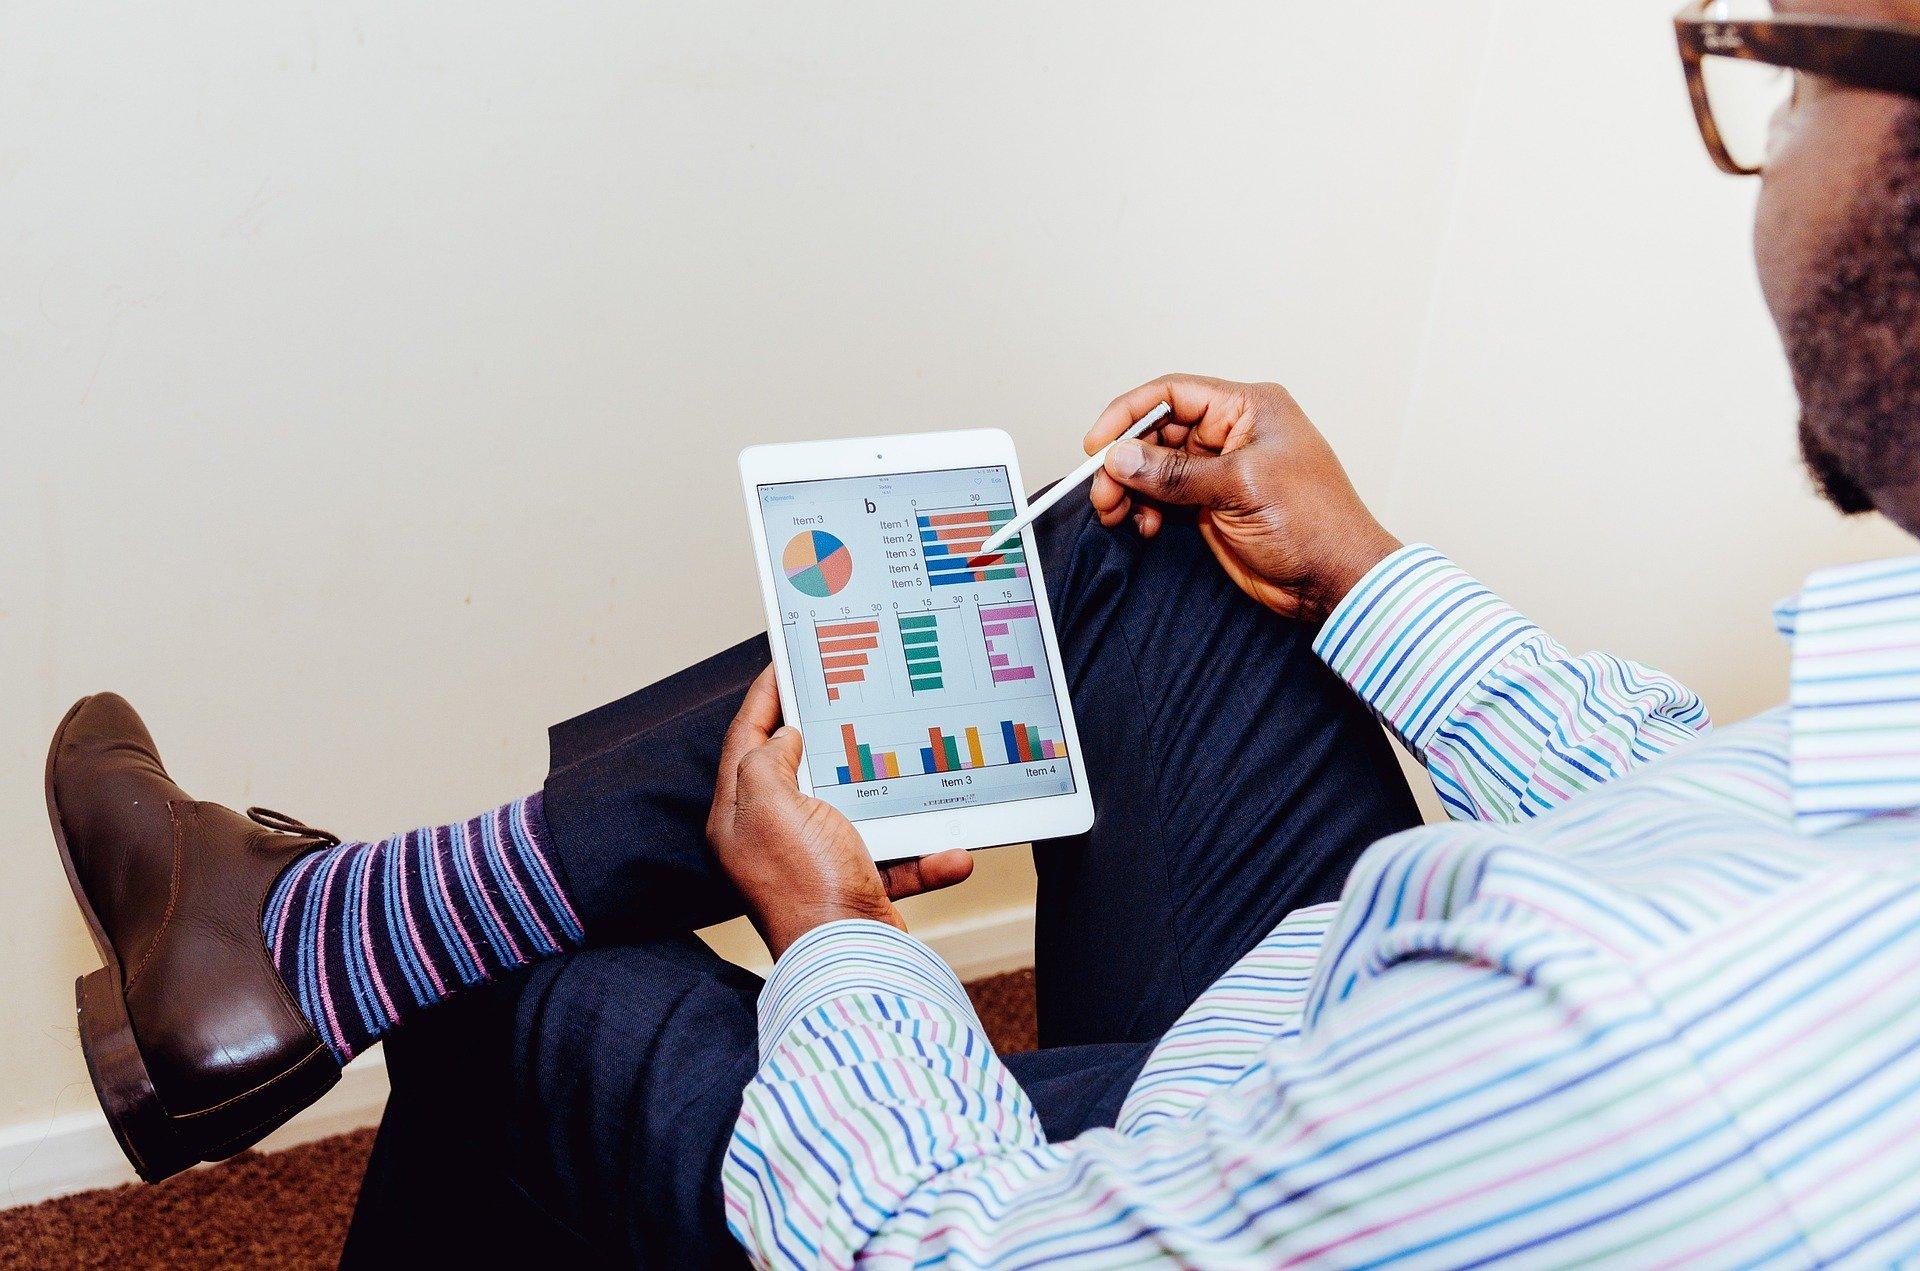 آشنایی با استراتژی بازاریابی شبکه ای